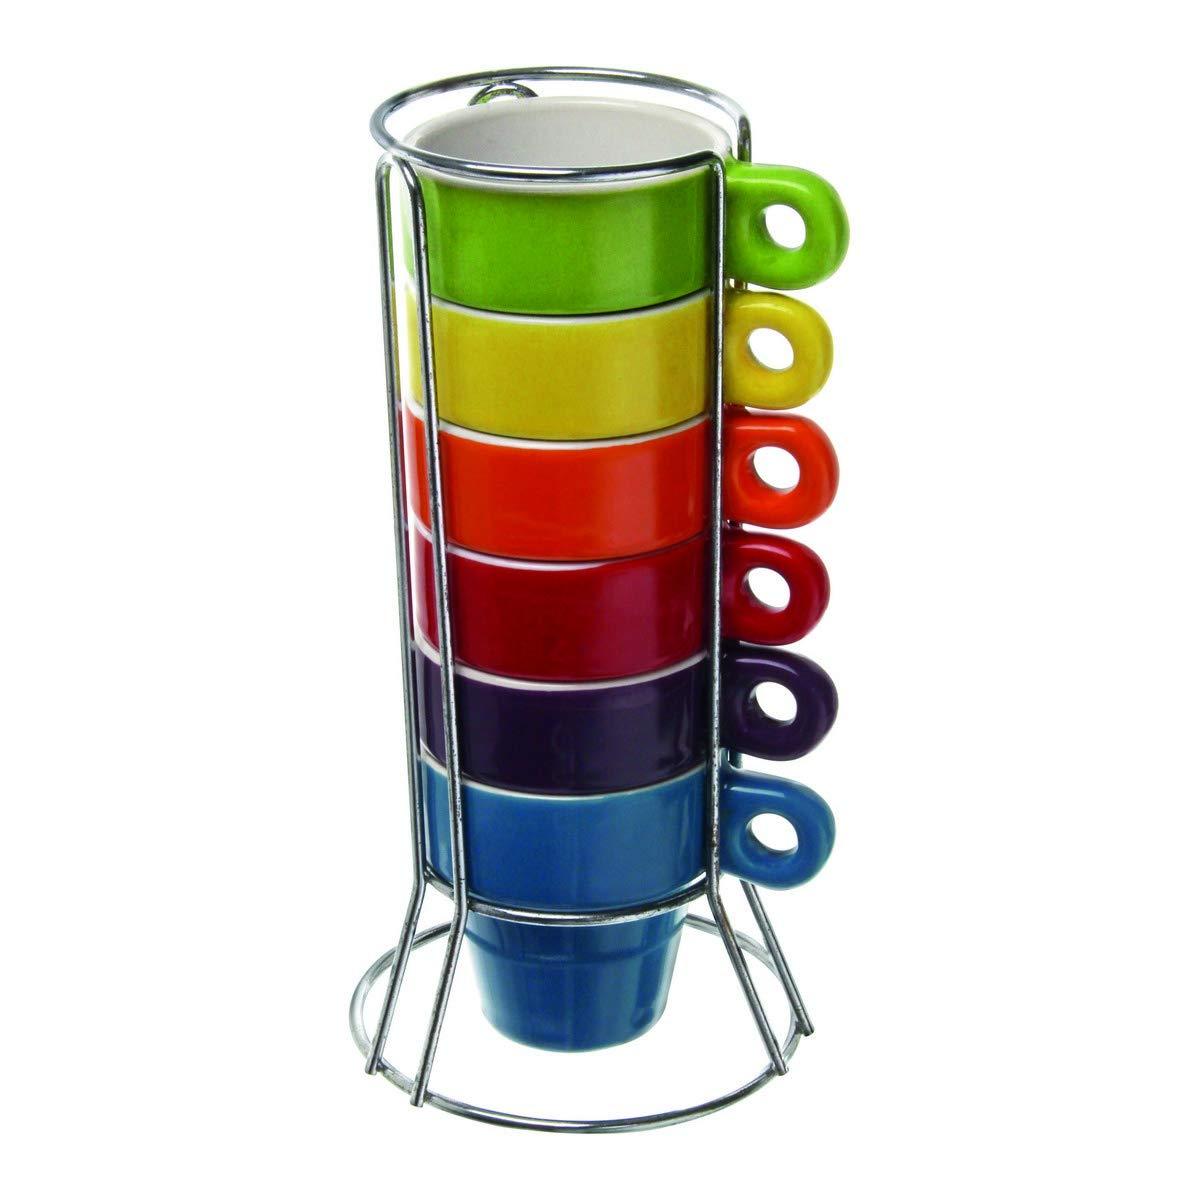 Paxanpax PSA462_02 - Juego de 6 tazas y soporte de cerámica para cafetera Nespresso: Amazon.es: Hogar